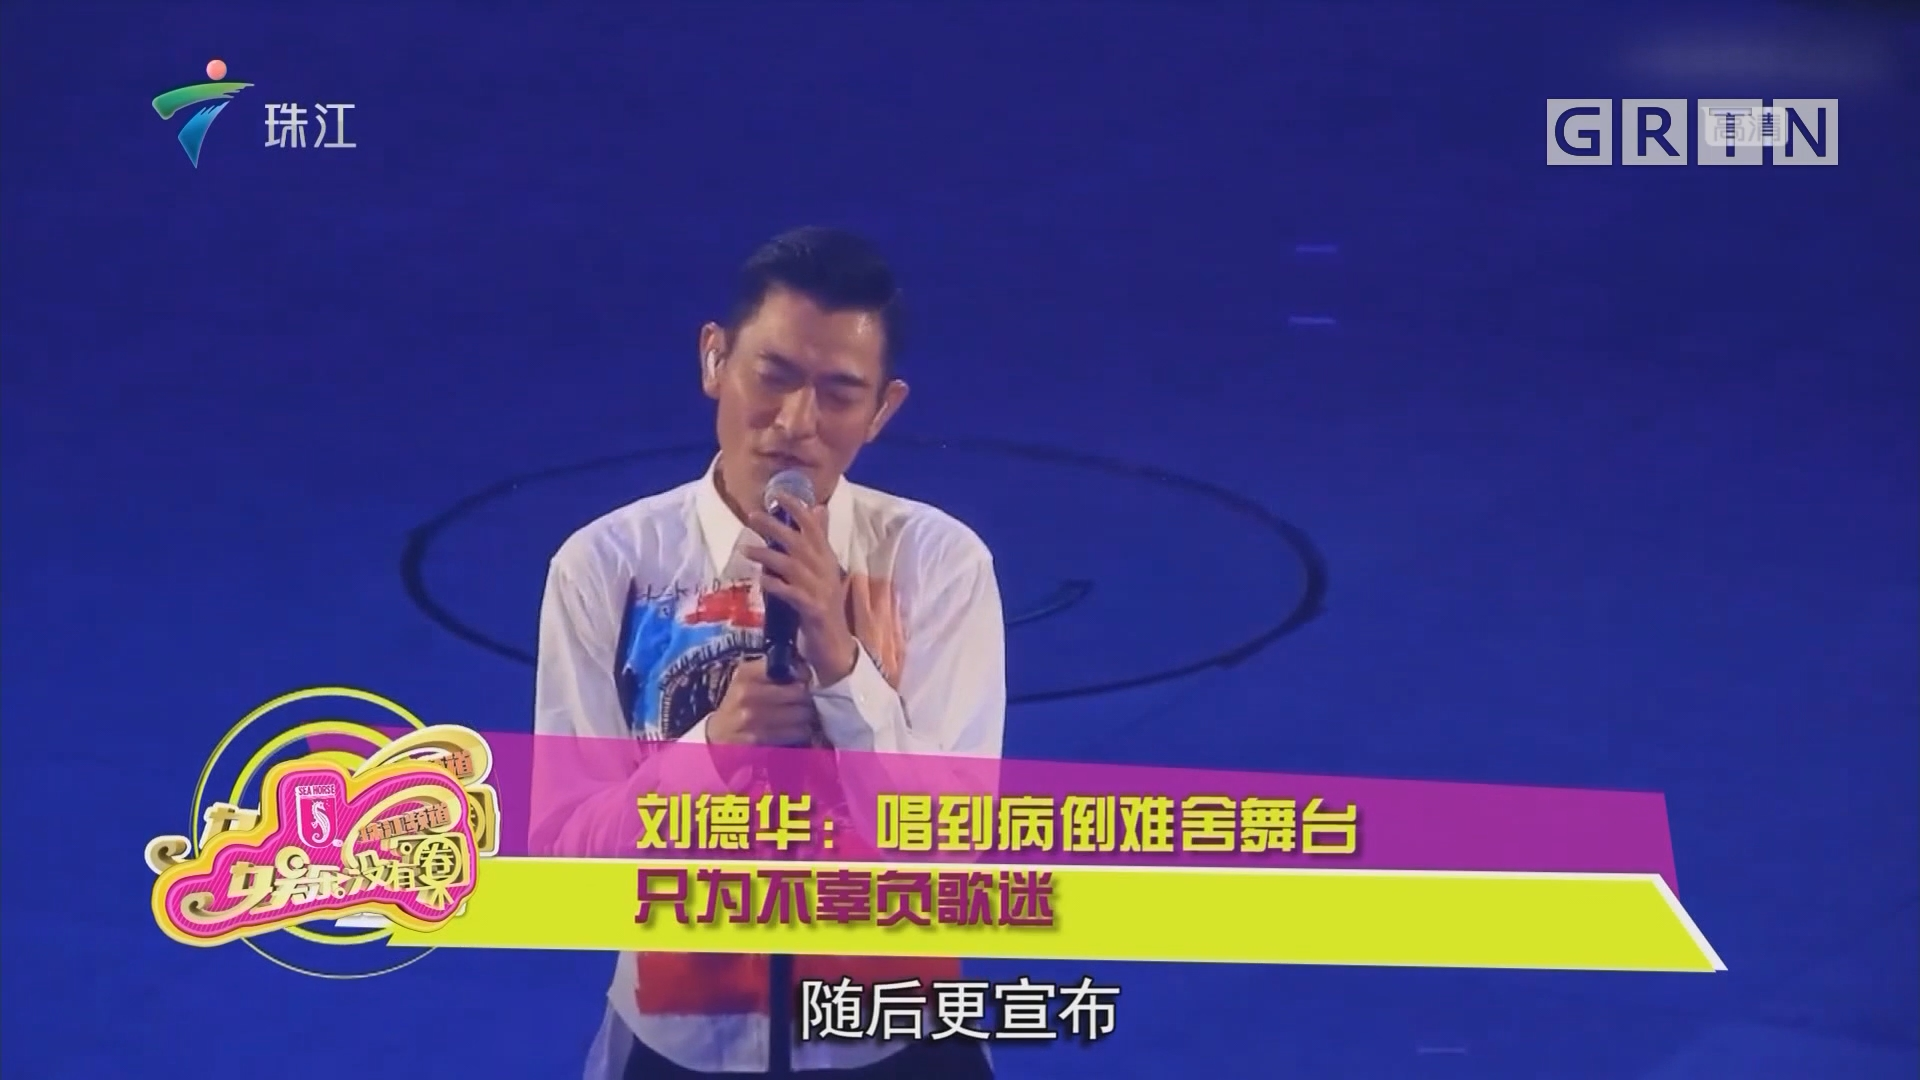 刘德华:唱到病倒难舍舞台 只为不辜负歌迷